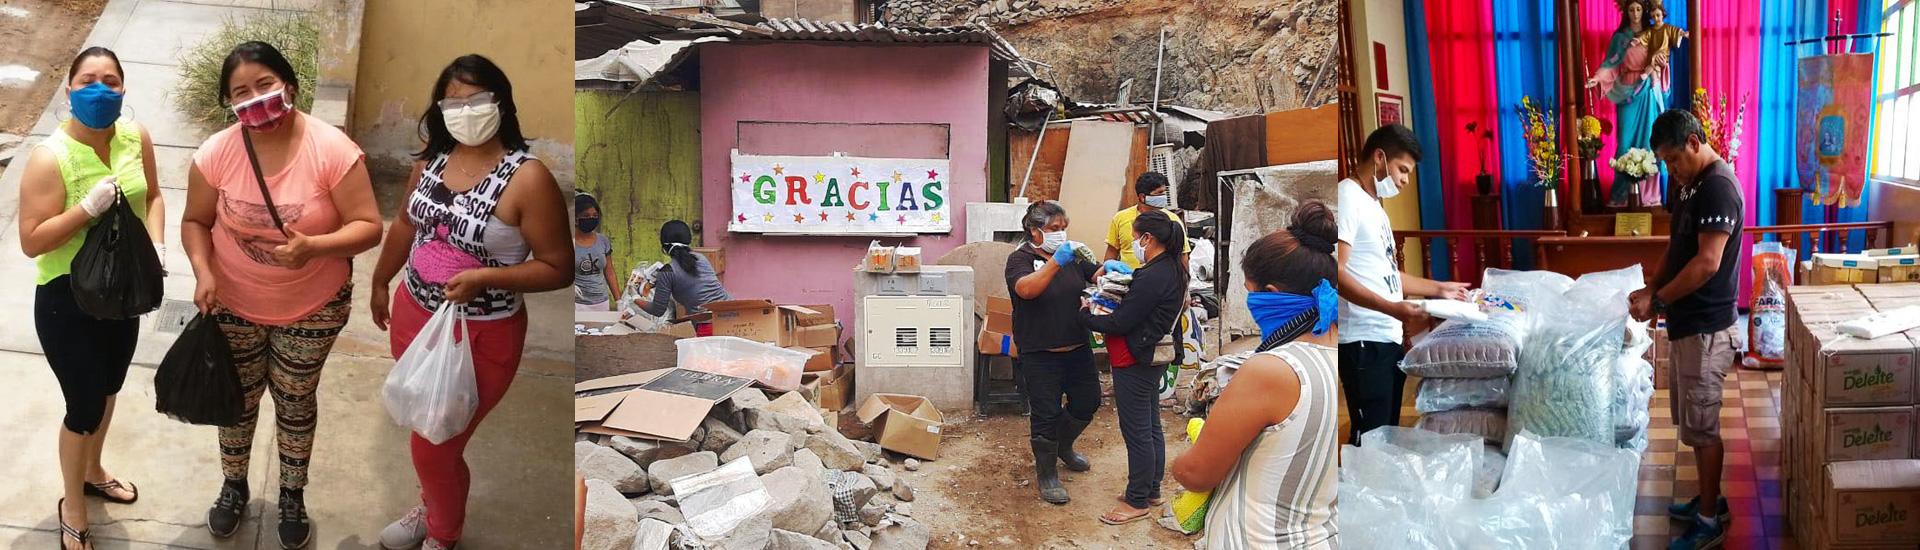 La solidaridad salesiana en Perú en tiempos de coronavirus